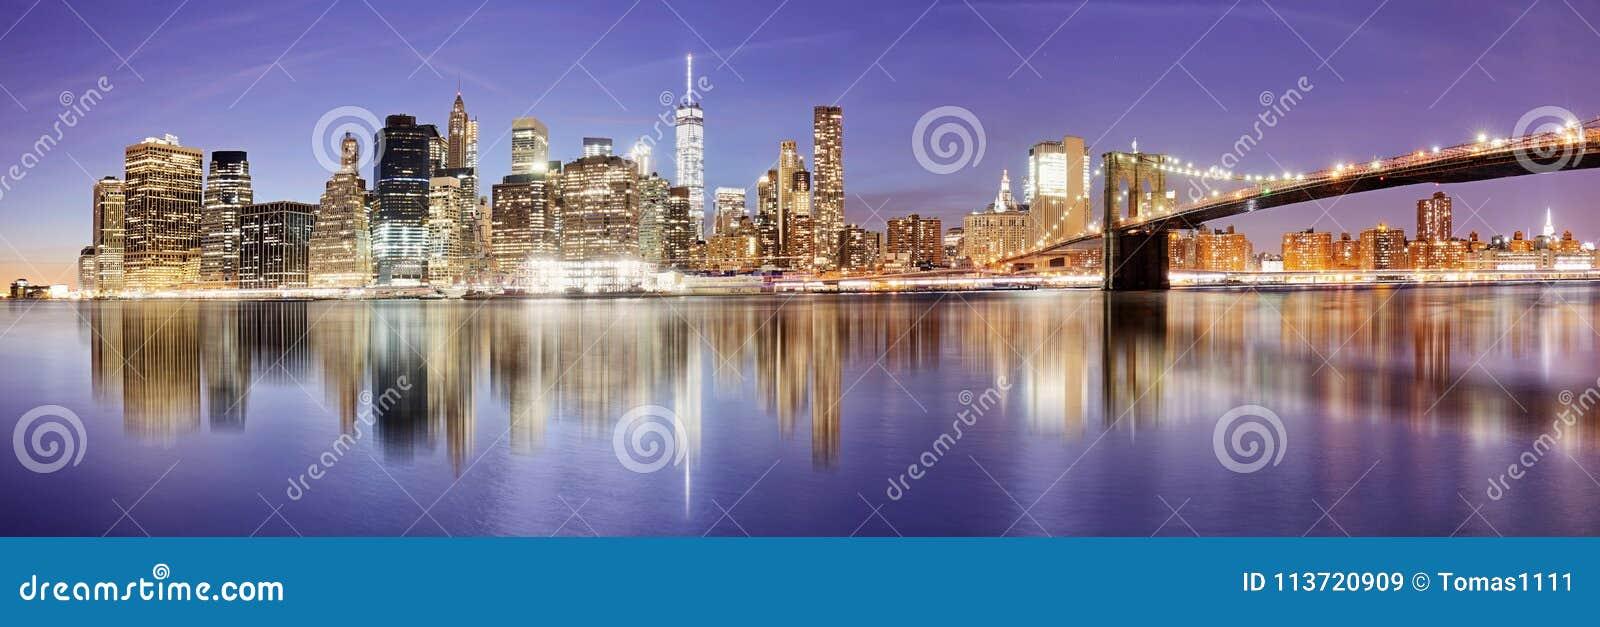 Панорама Нью-Йорка с Бруклинским мостом на ноче, США